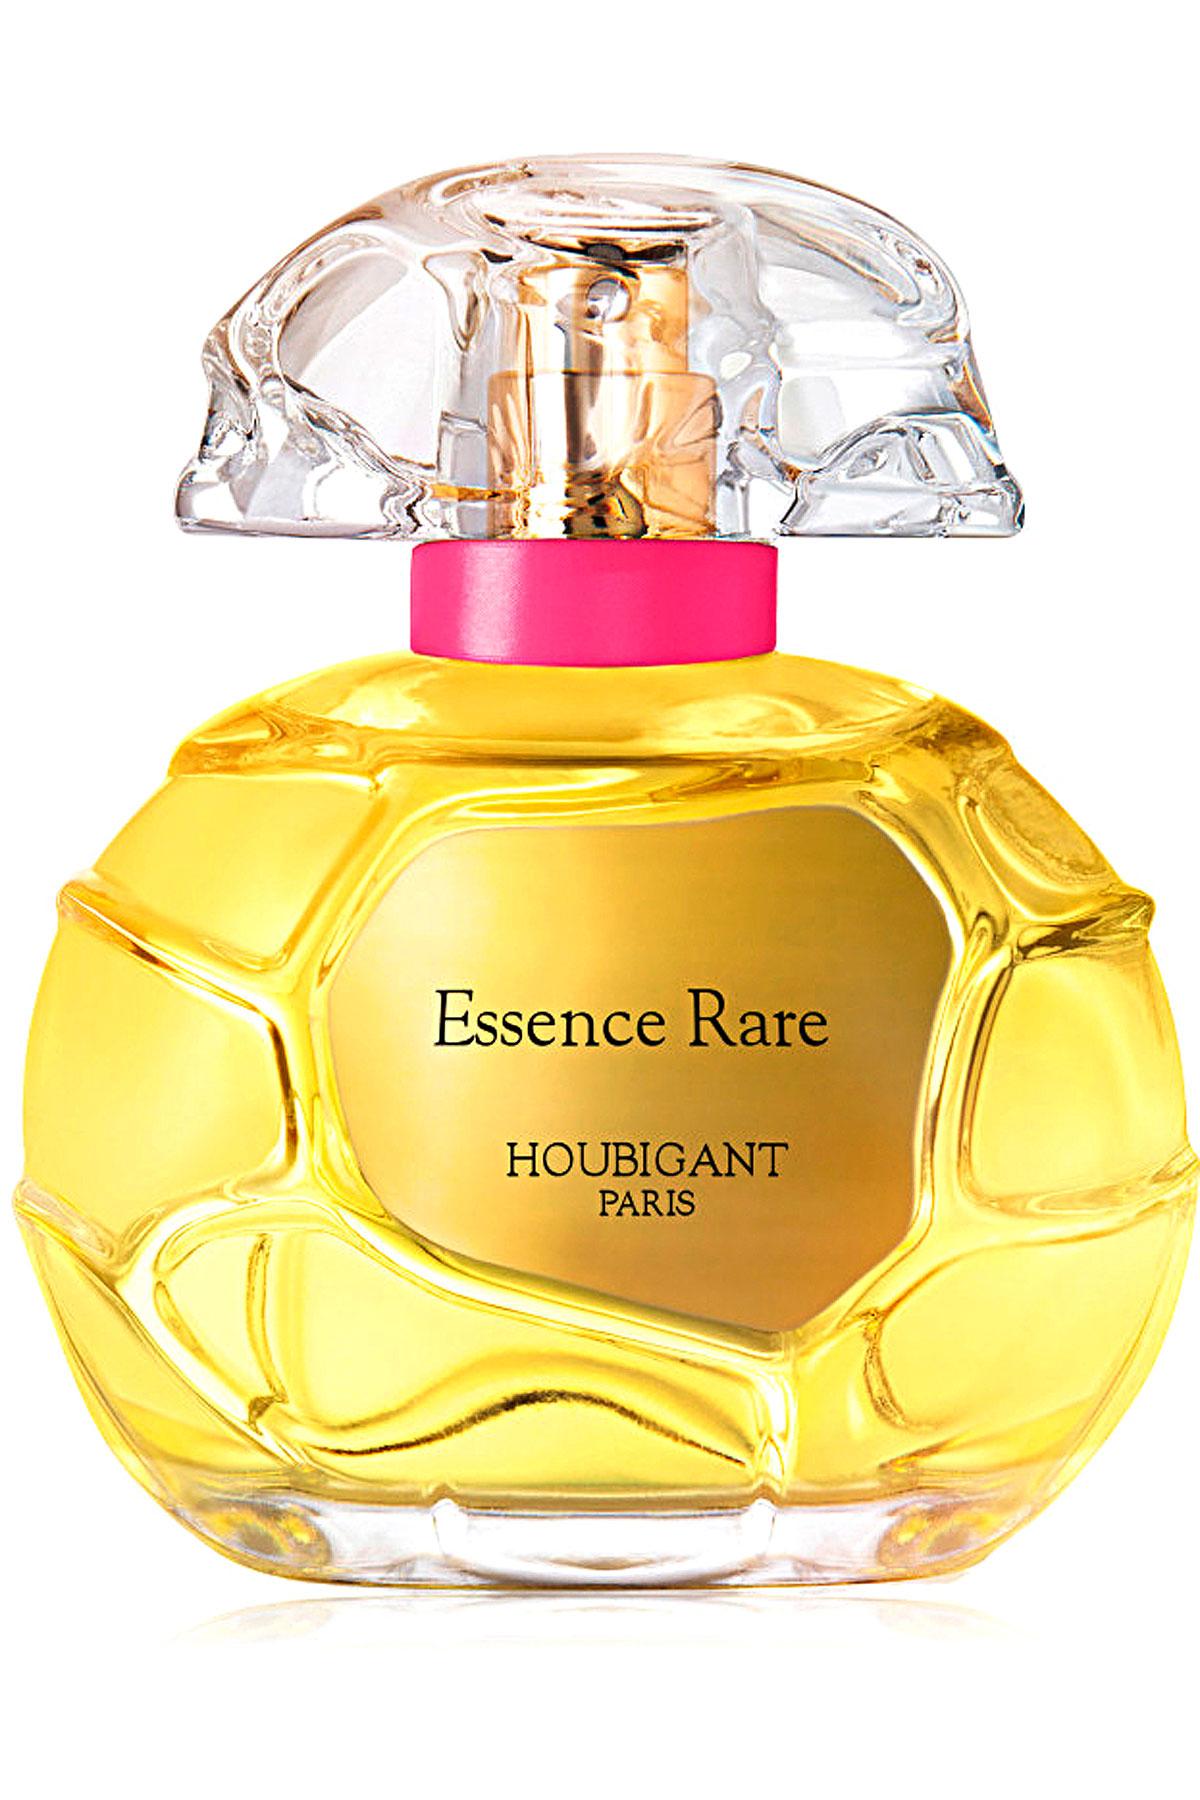 Houbigant Paris Fragrances for Women, Essence Rare Collection Privee - Eau De Parfum - 100 Ml, 2019, 100 ml